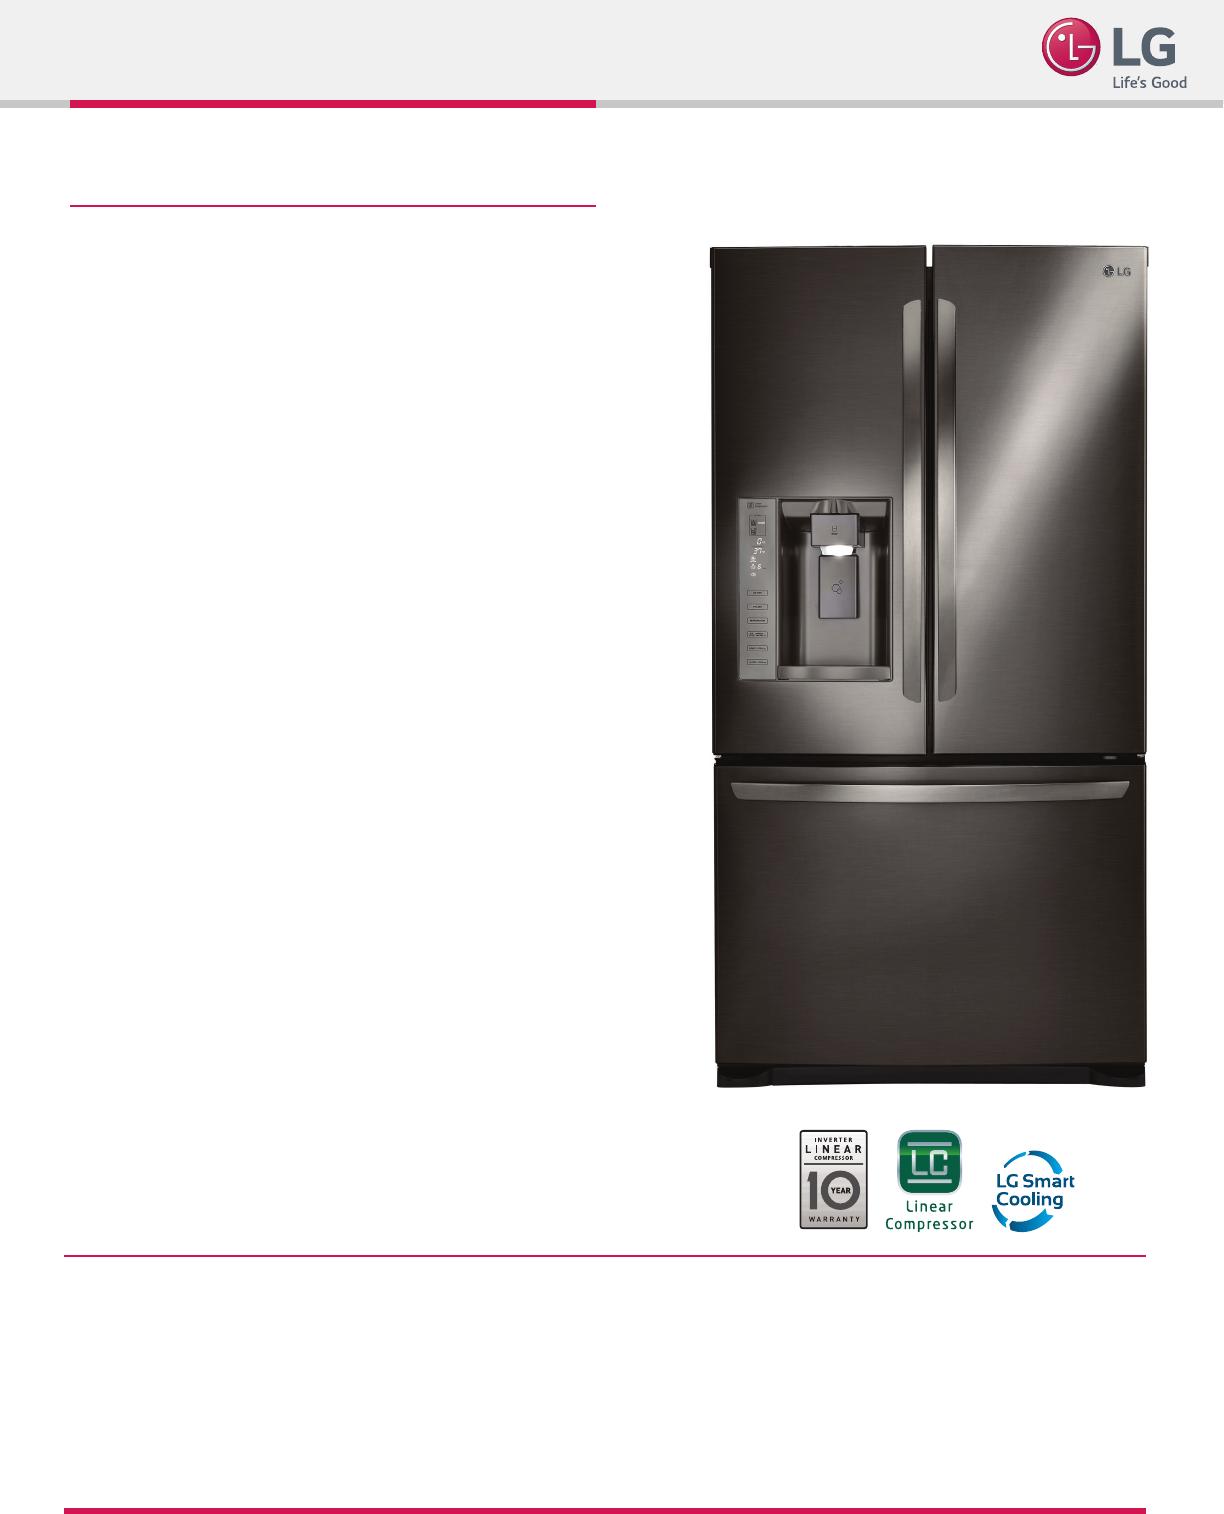 LG LFX25973D User Manual Specification Spec Sheet